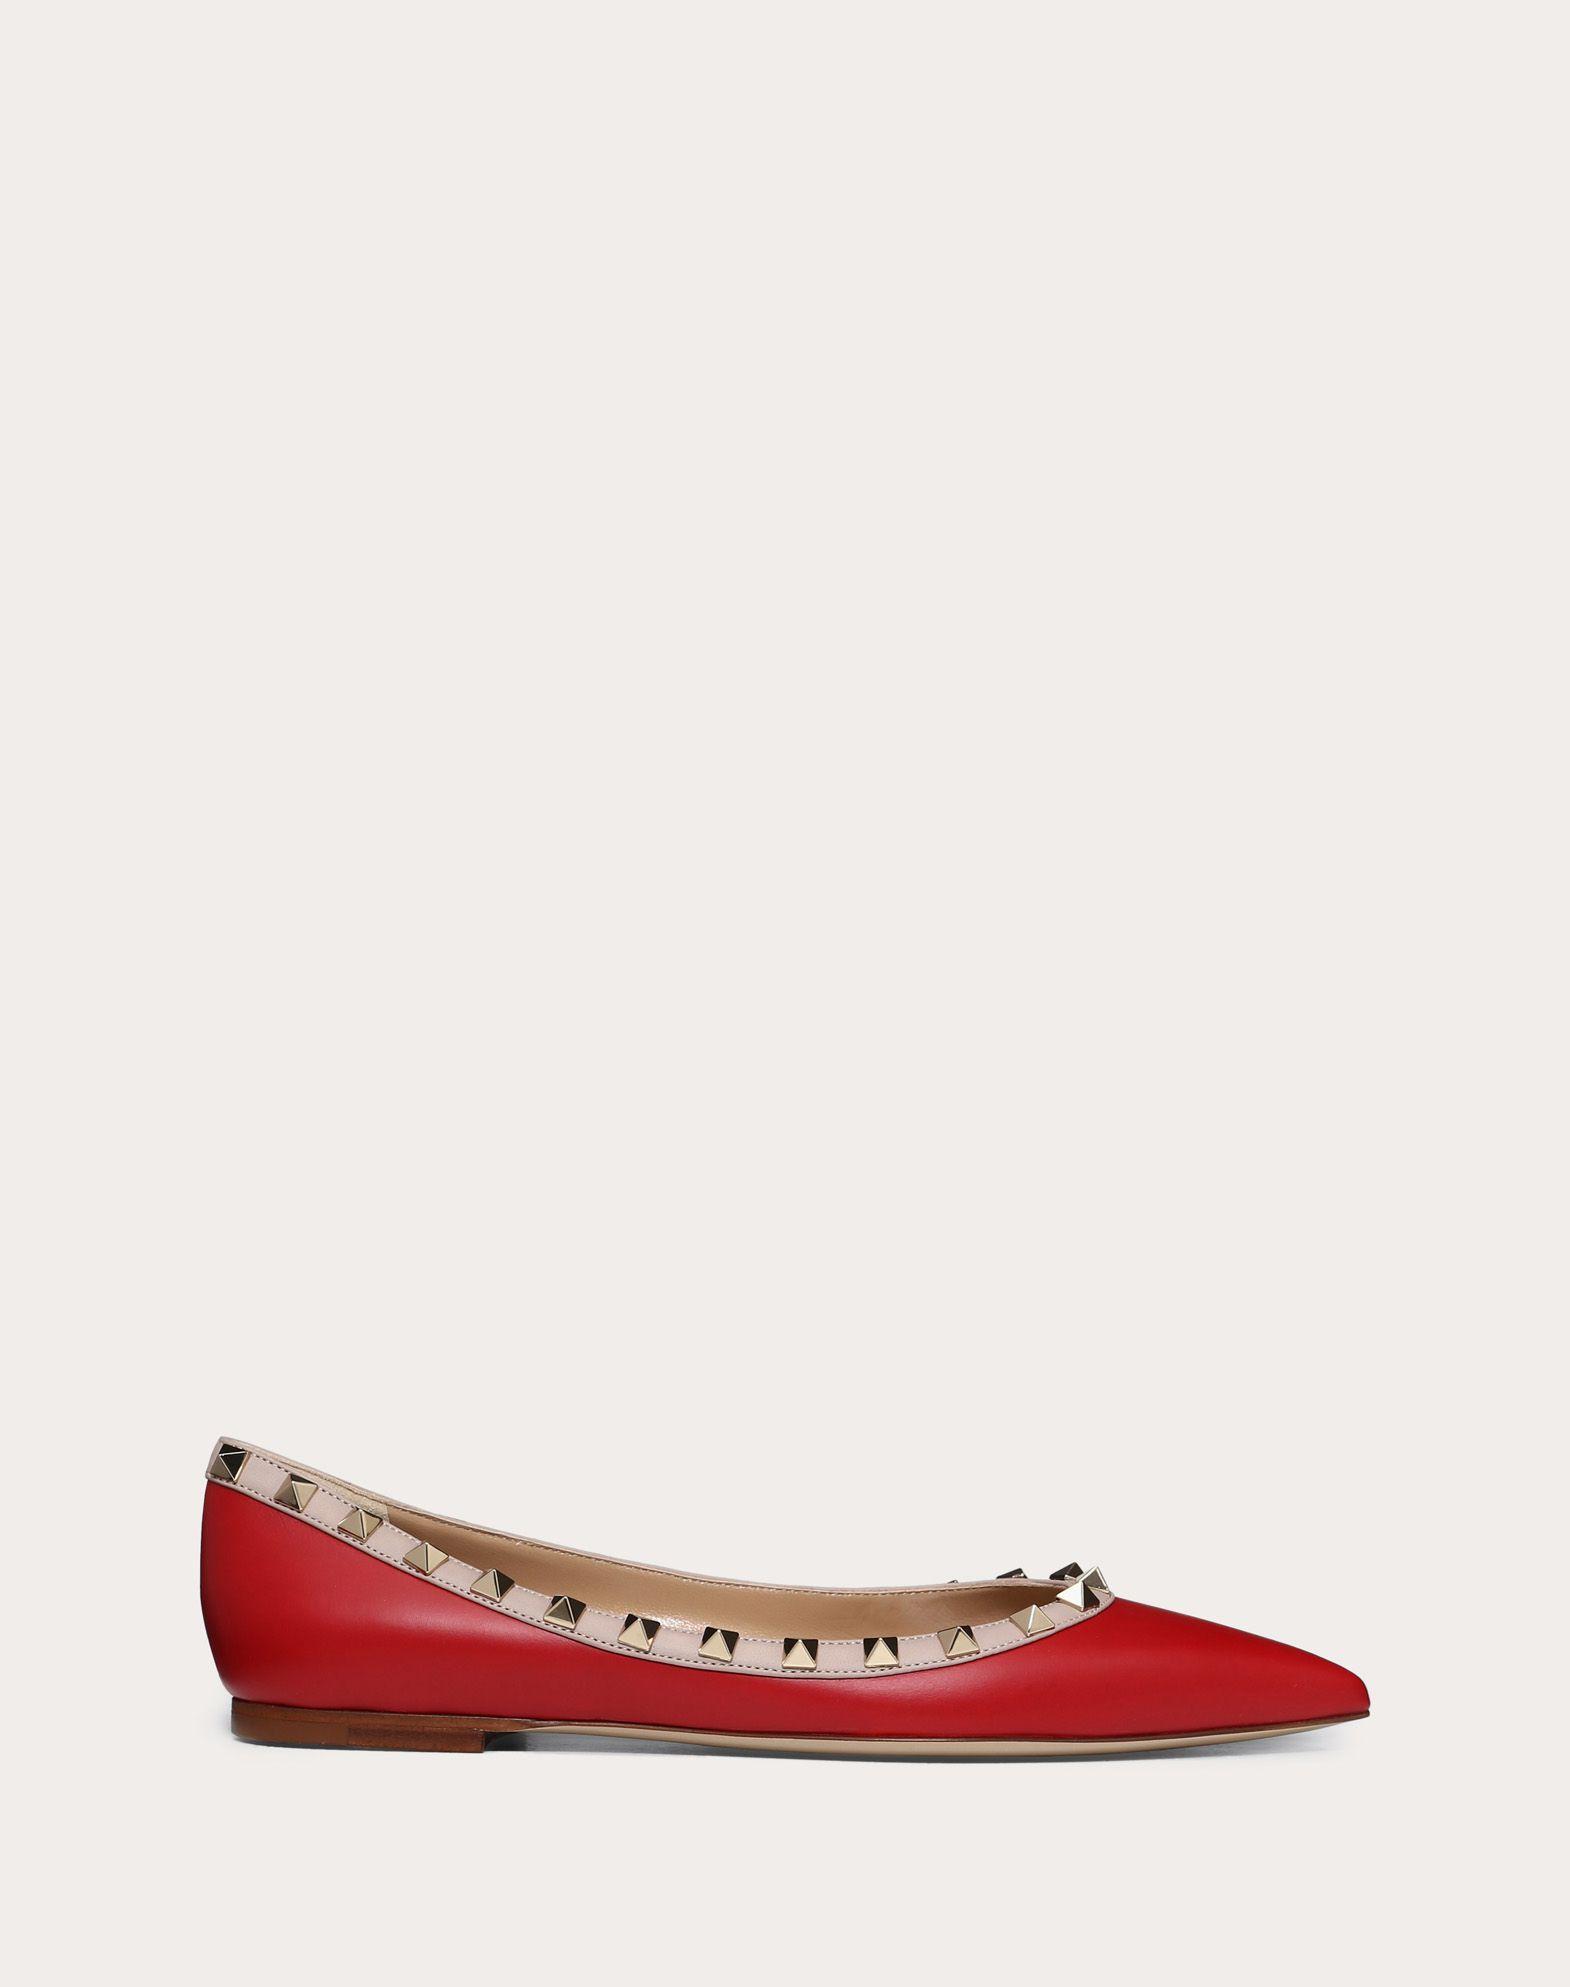 Rockstud 小牛皮芭蕾鞋